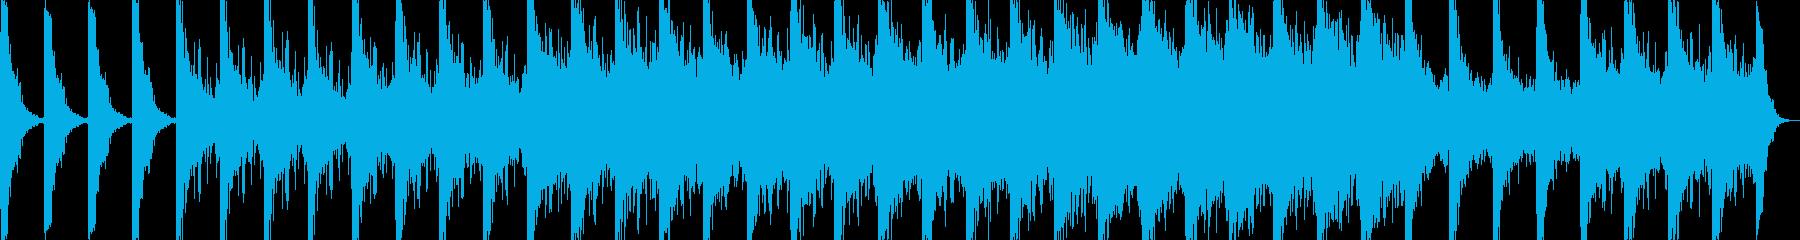 映画音楽、シネマティック映像向け-13の再生済みの波形